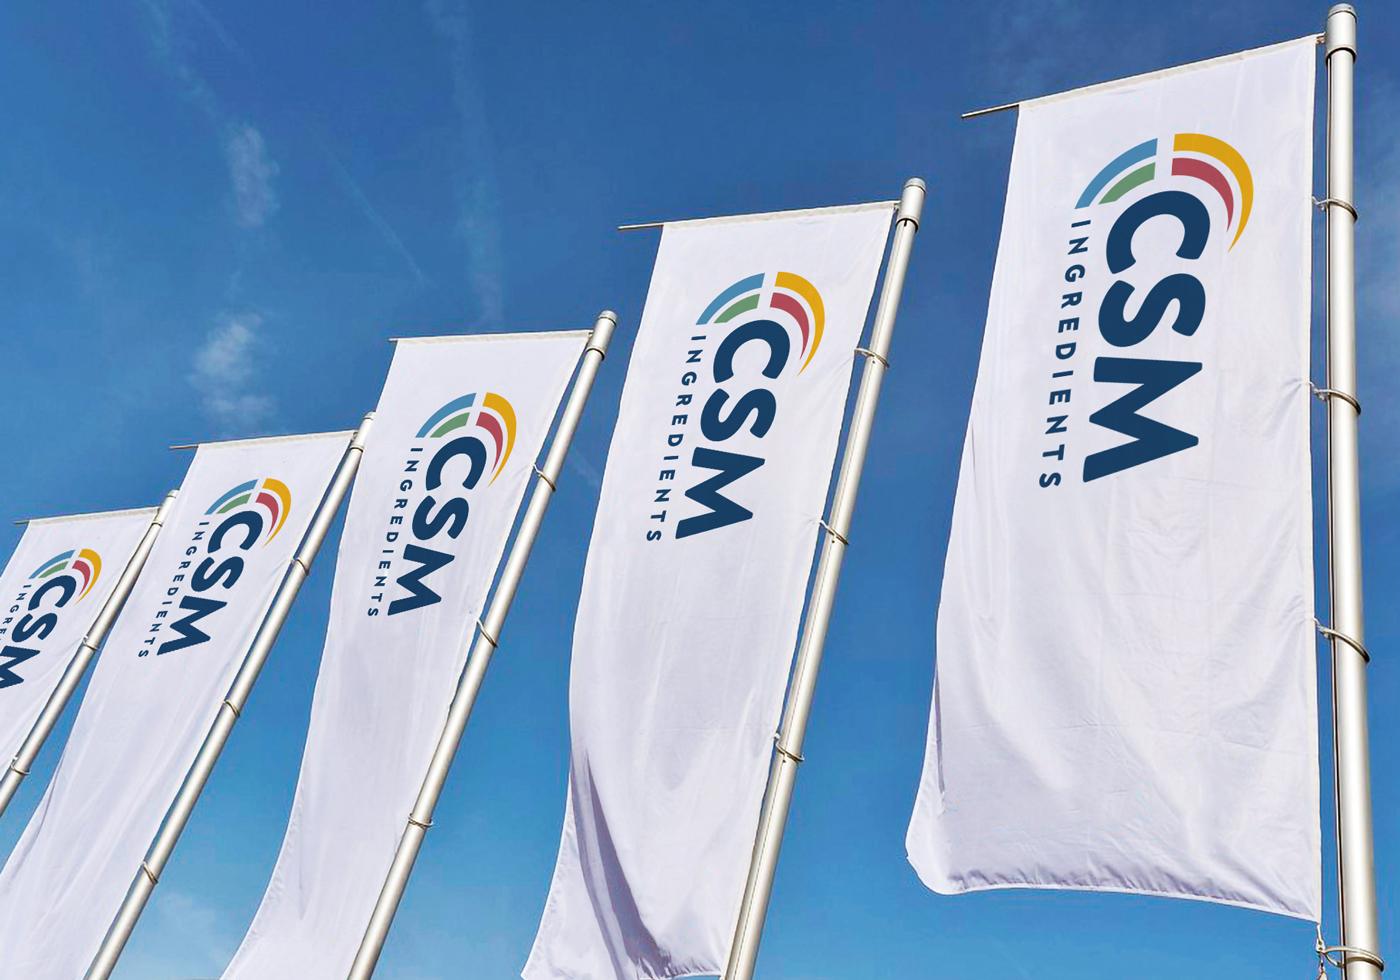 CSM startet in neue Ära